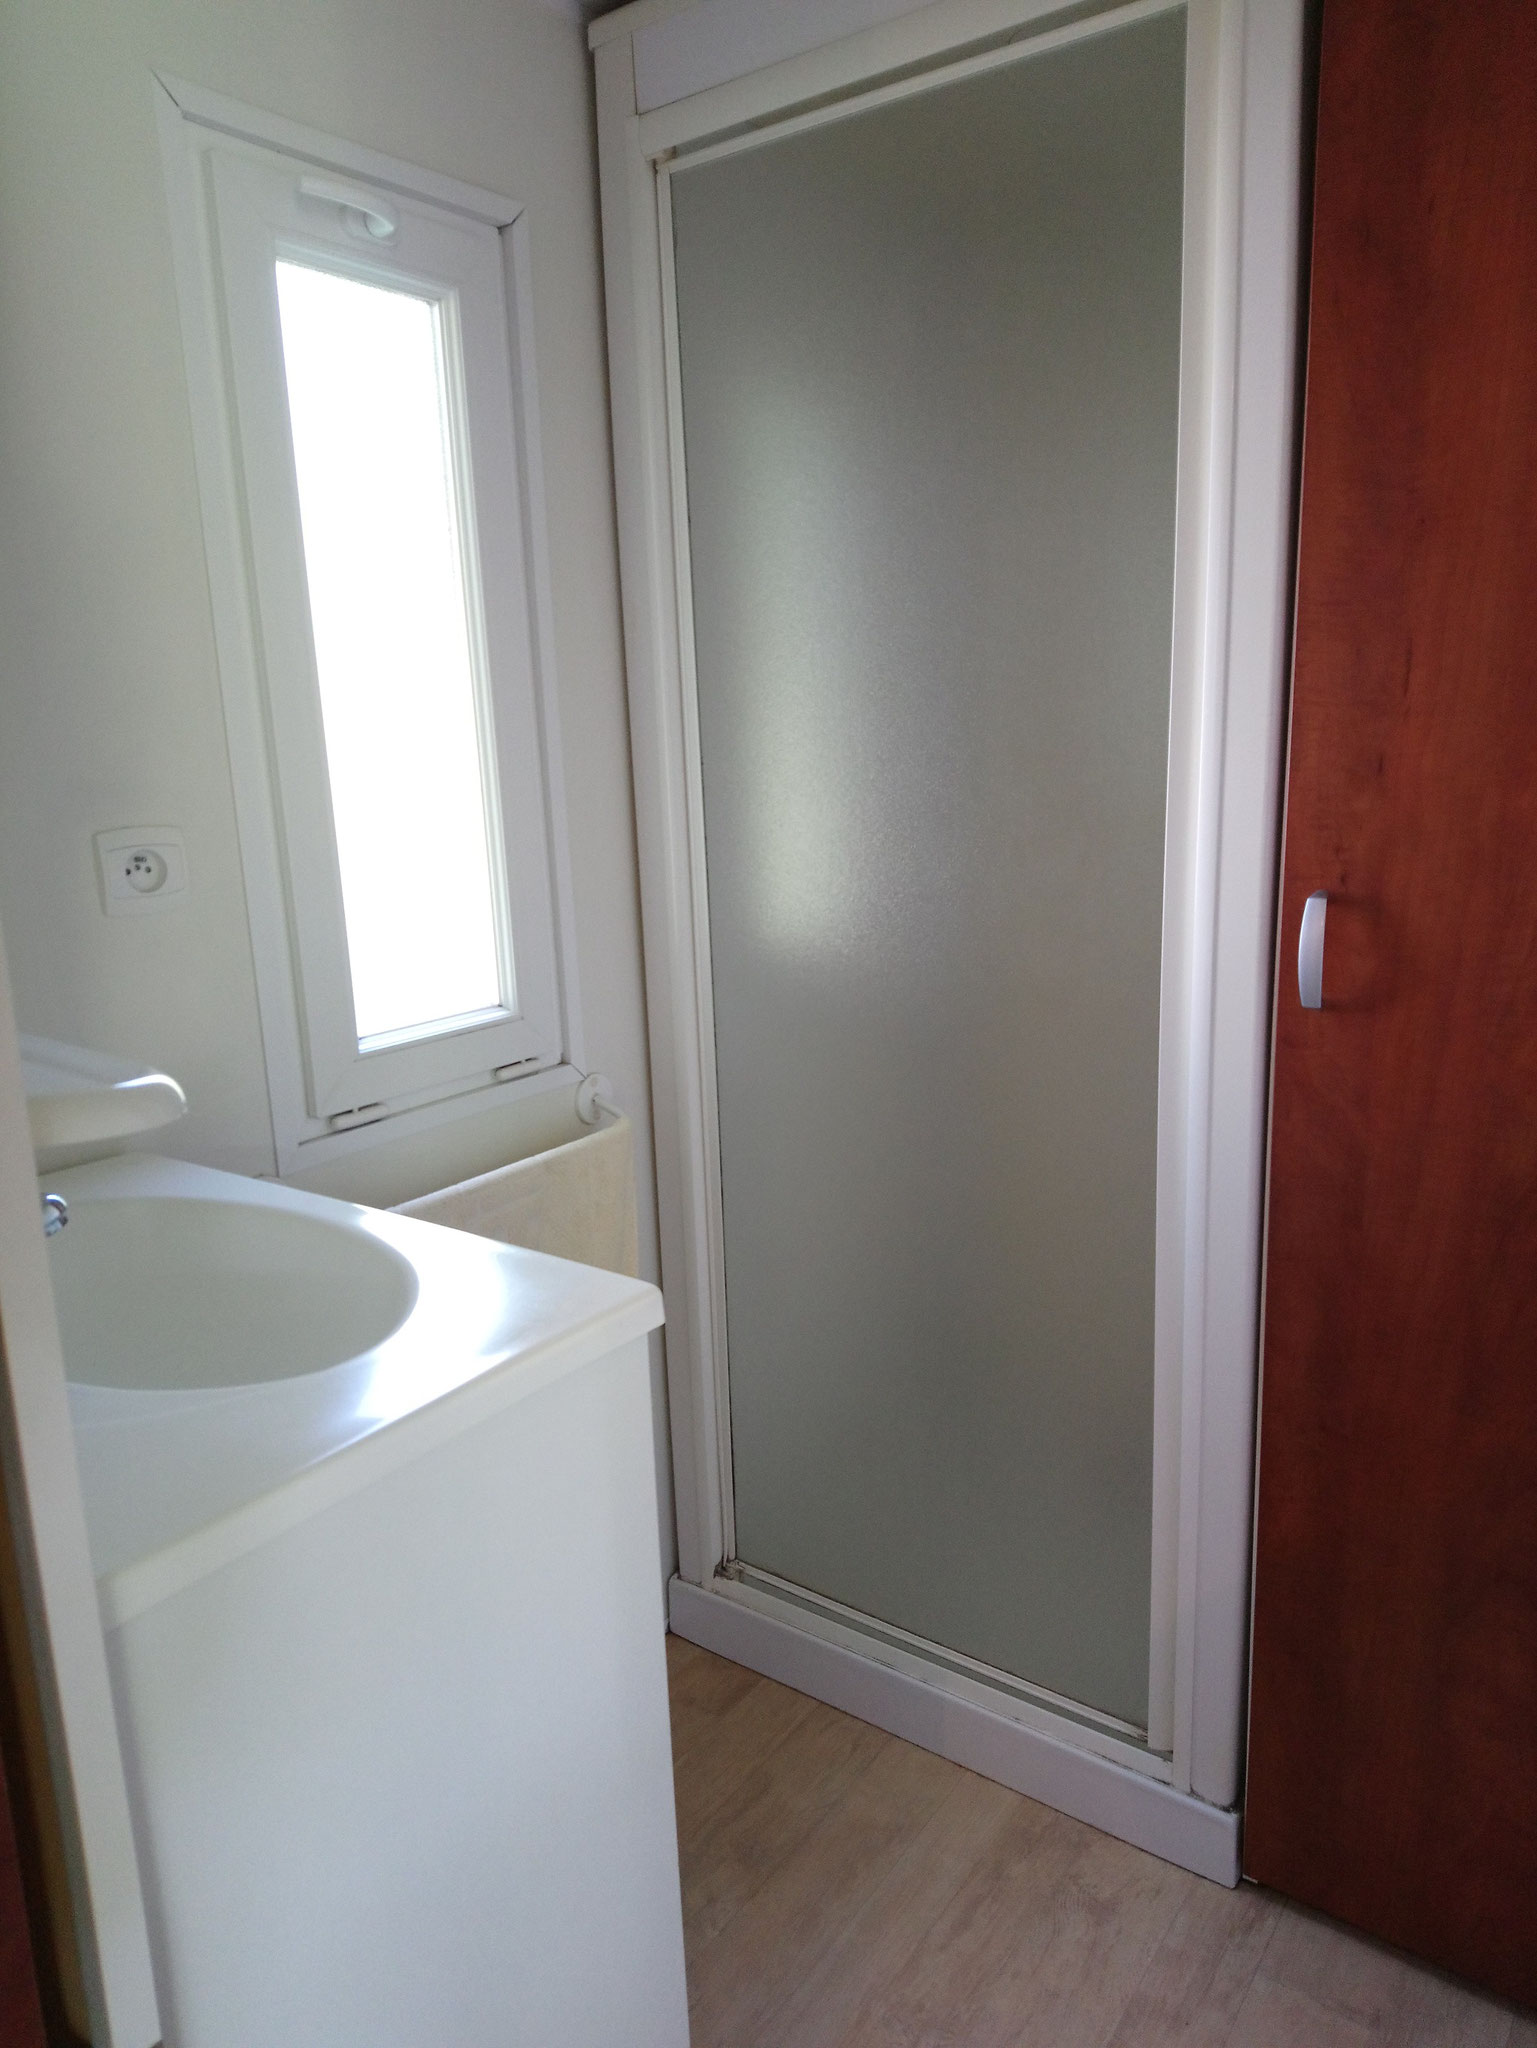 Sympa 24 - salle d'eau